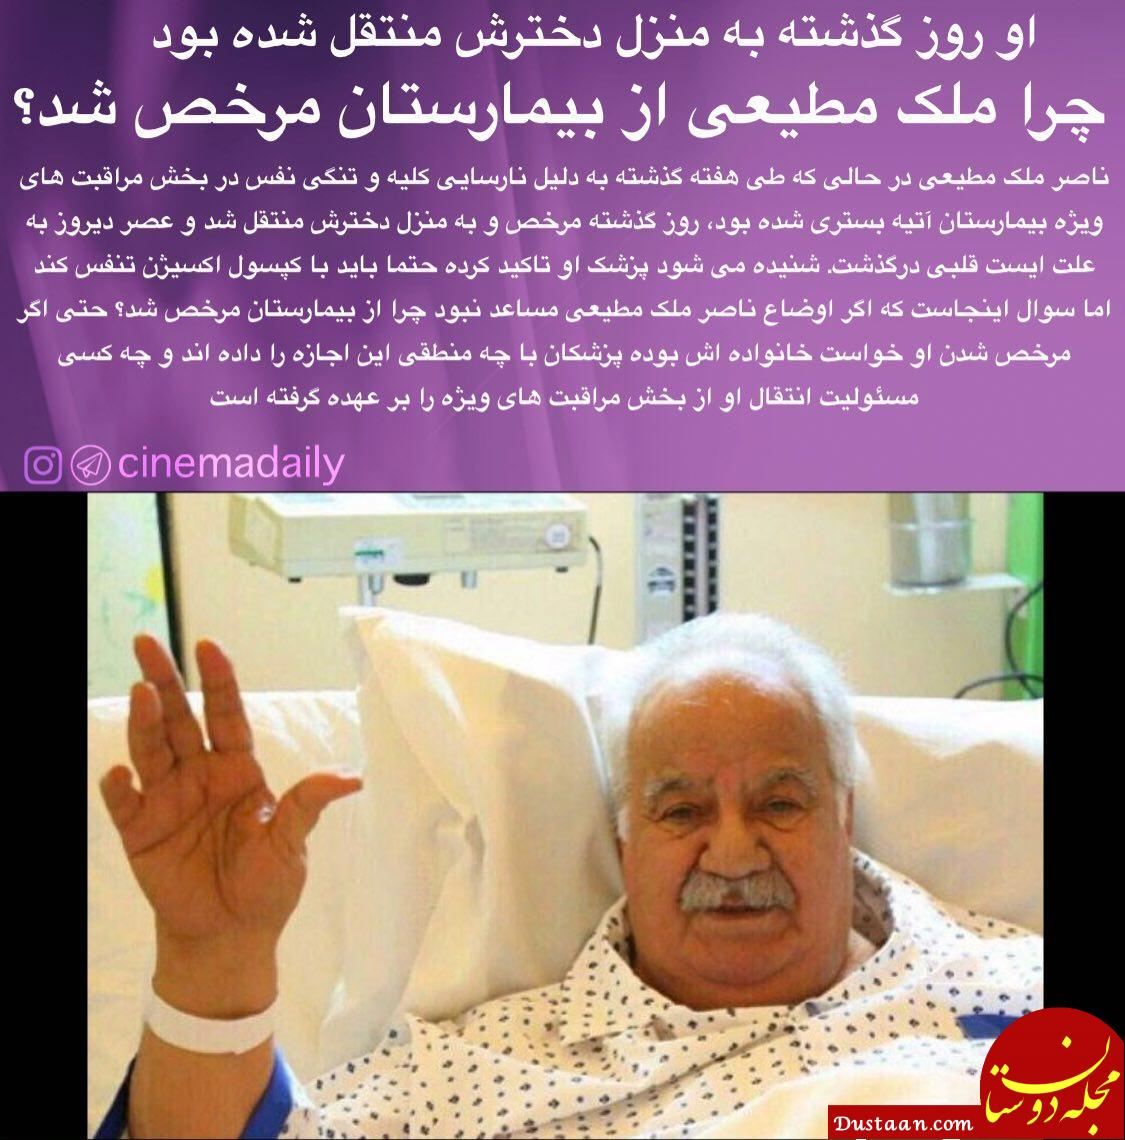 www.dustaan.com چرا ناصر ملک مطیعی از بیمارستان مرخص شد؟